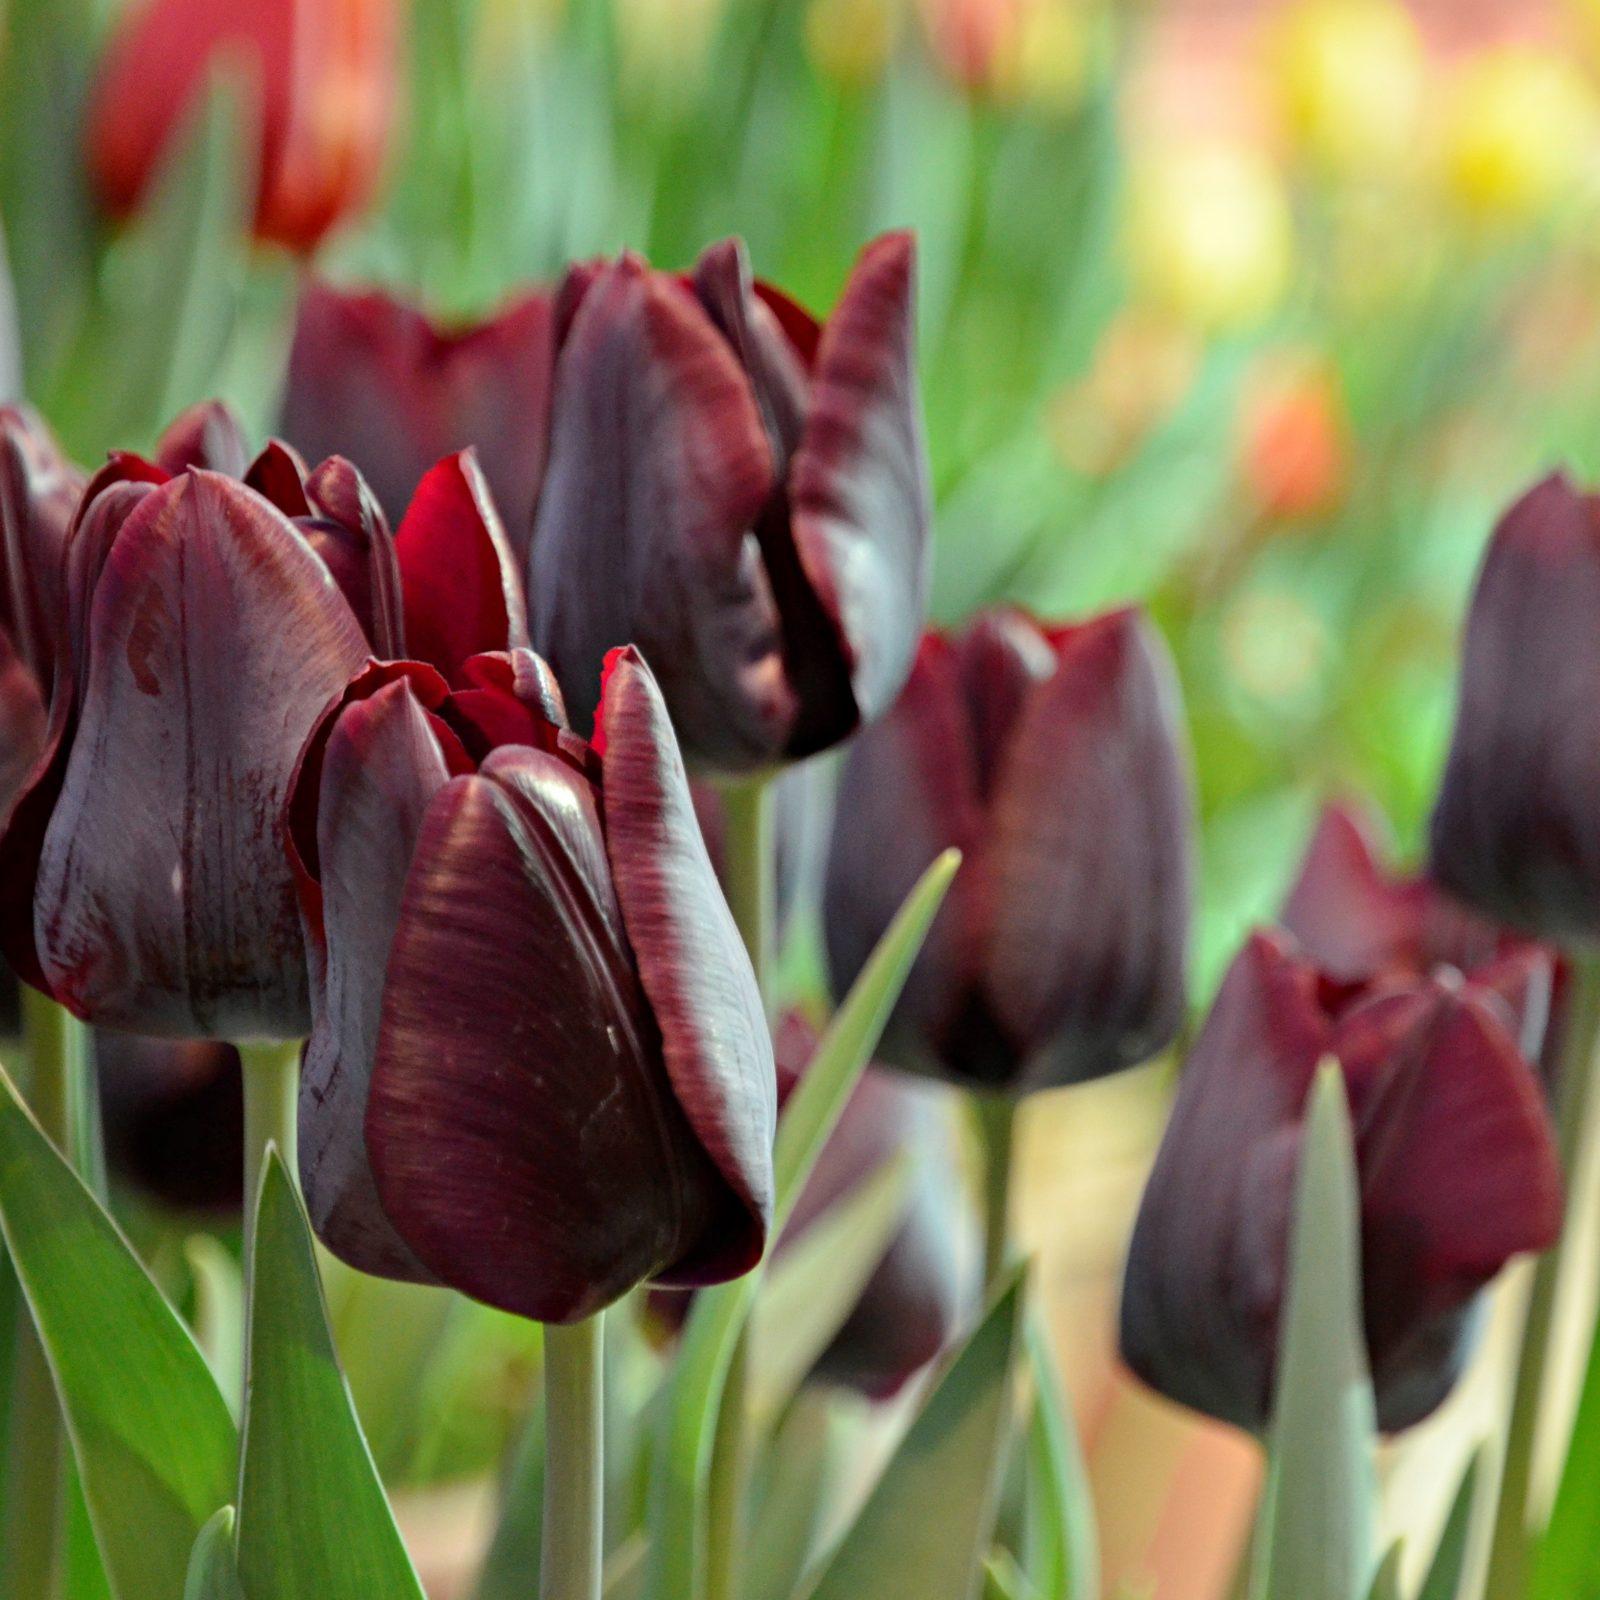 Это сорт тюльпана наиболее приближен к черному цвету, но имеет темно-бардовый оттенок. Фото: Анна Быкова